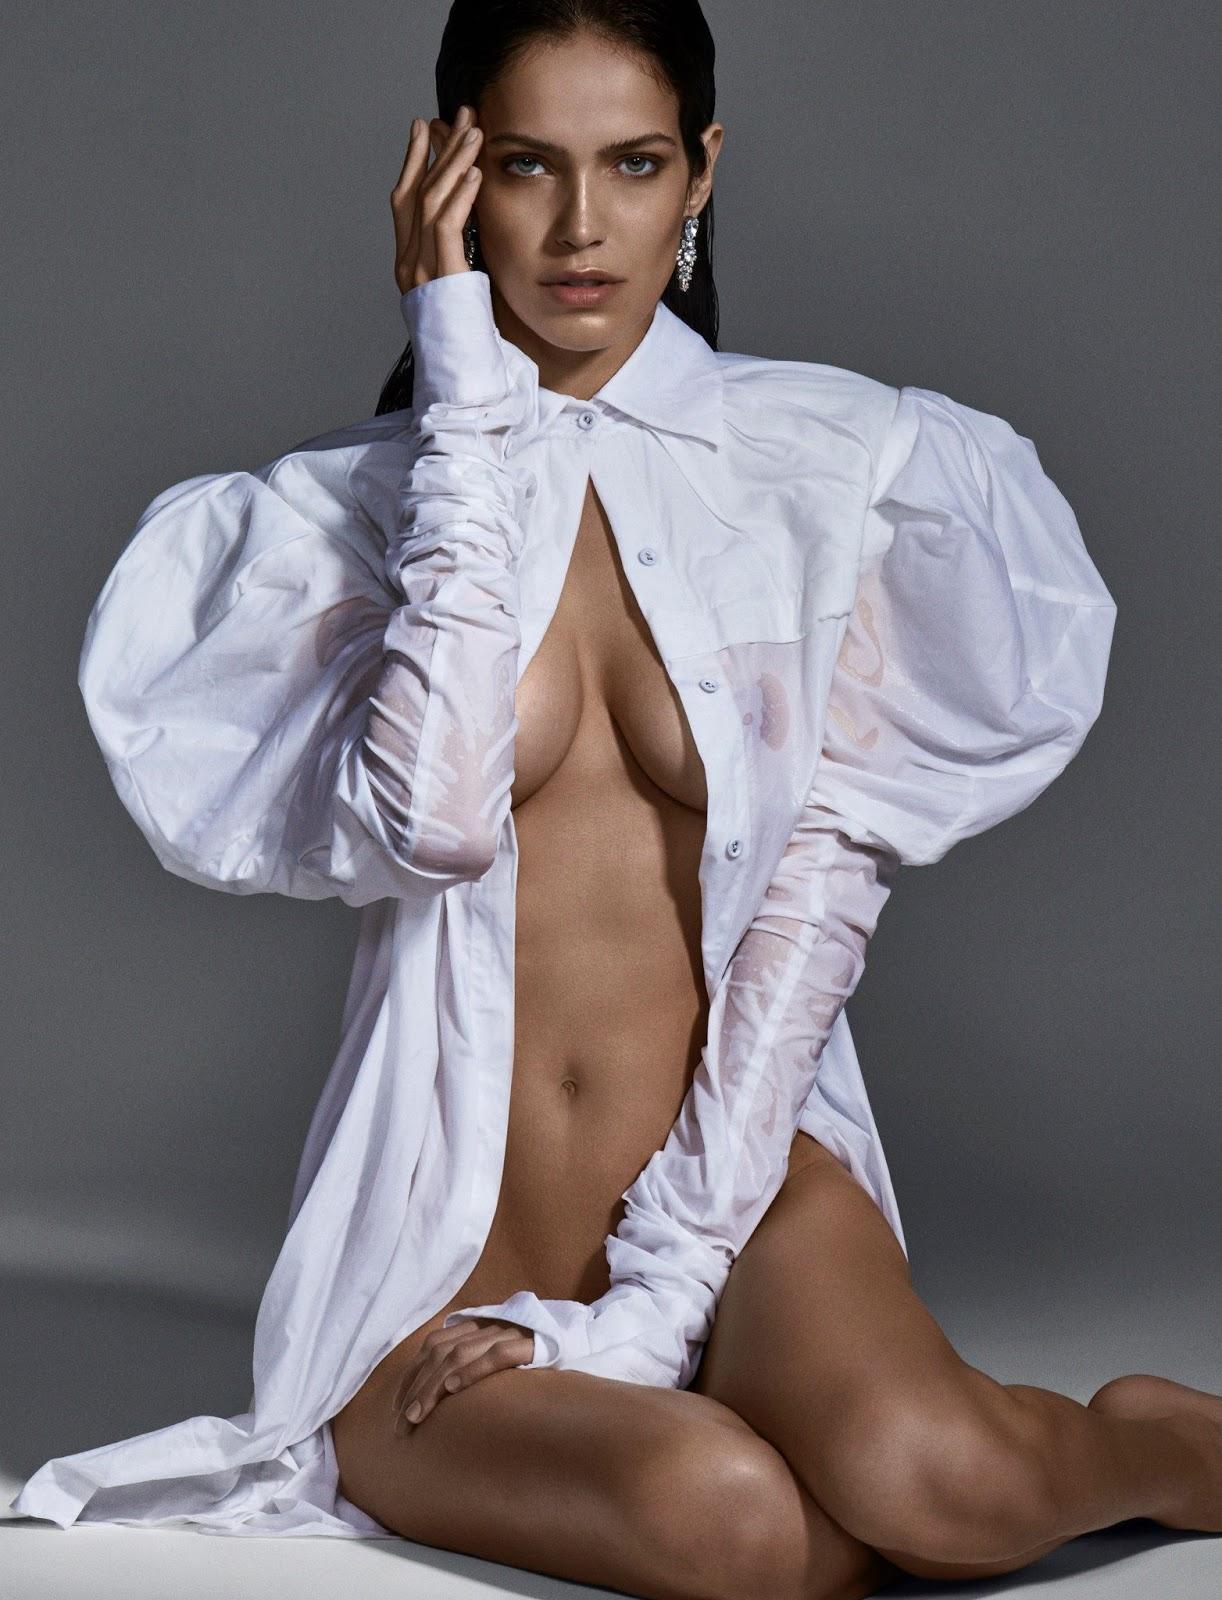 Kate bosworth leaked nudes